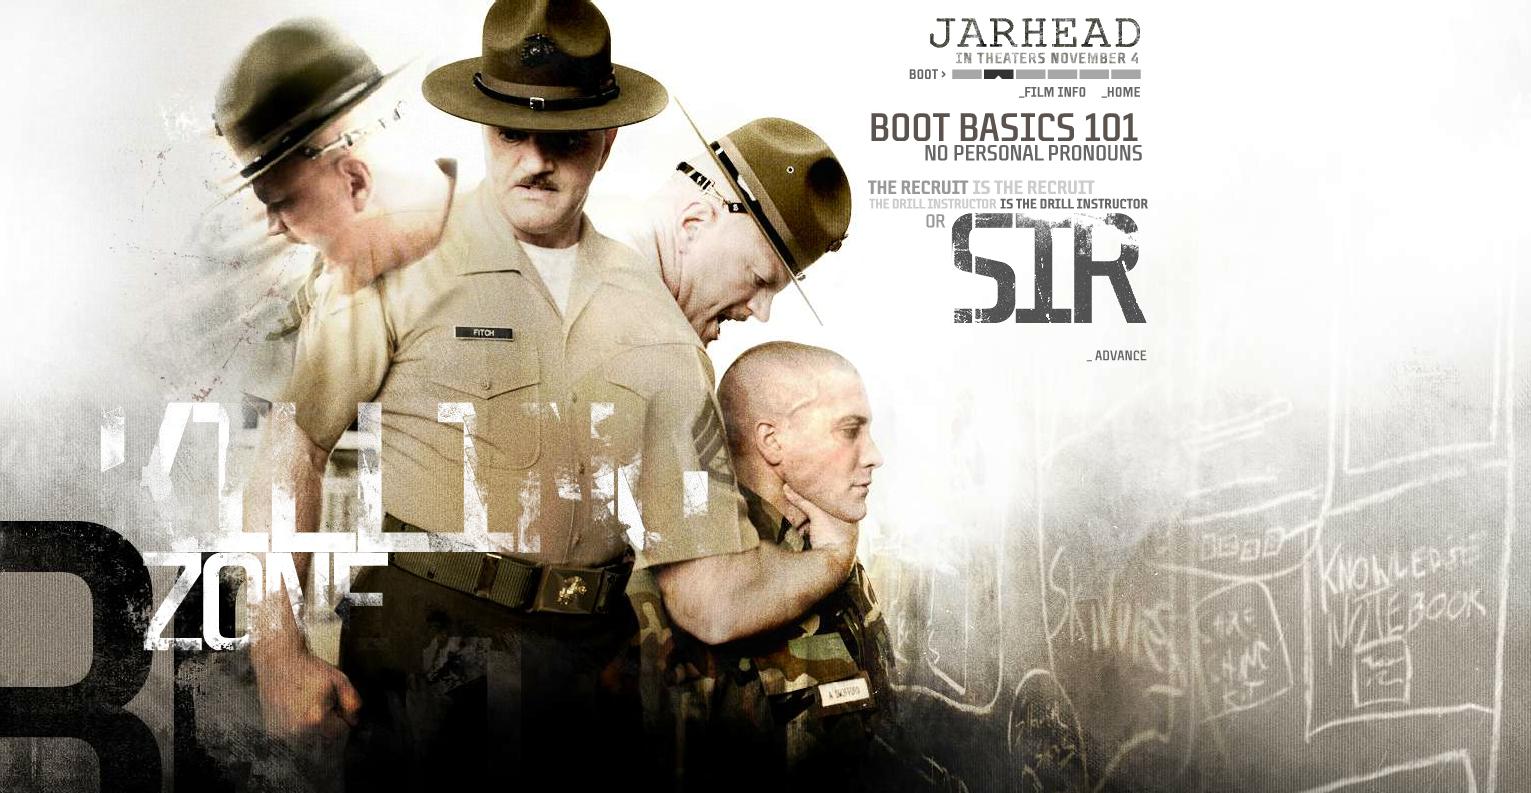 Jarhead Website